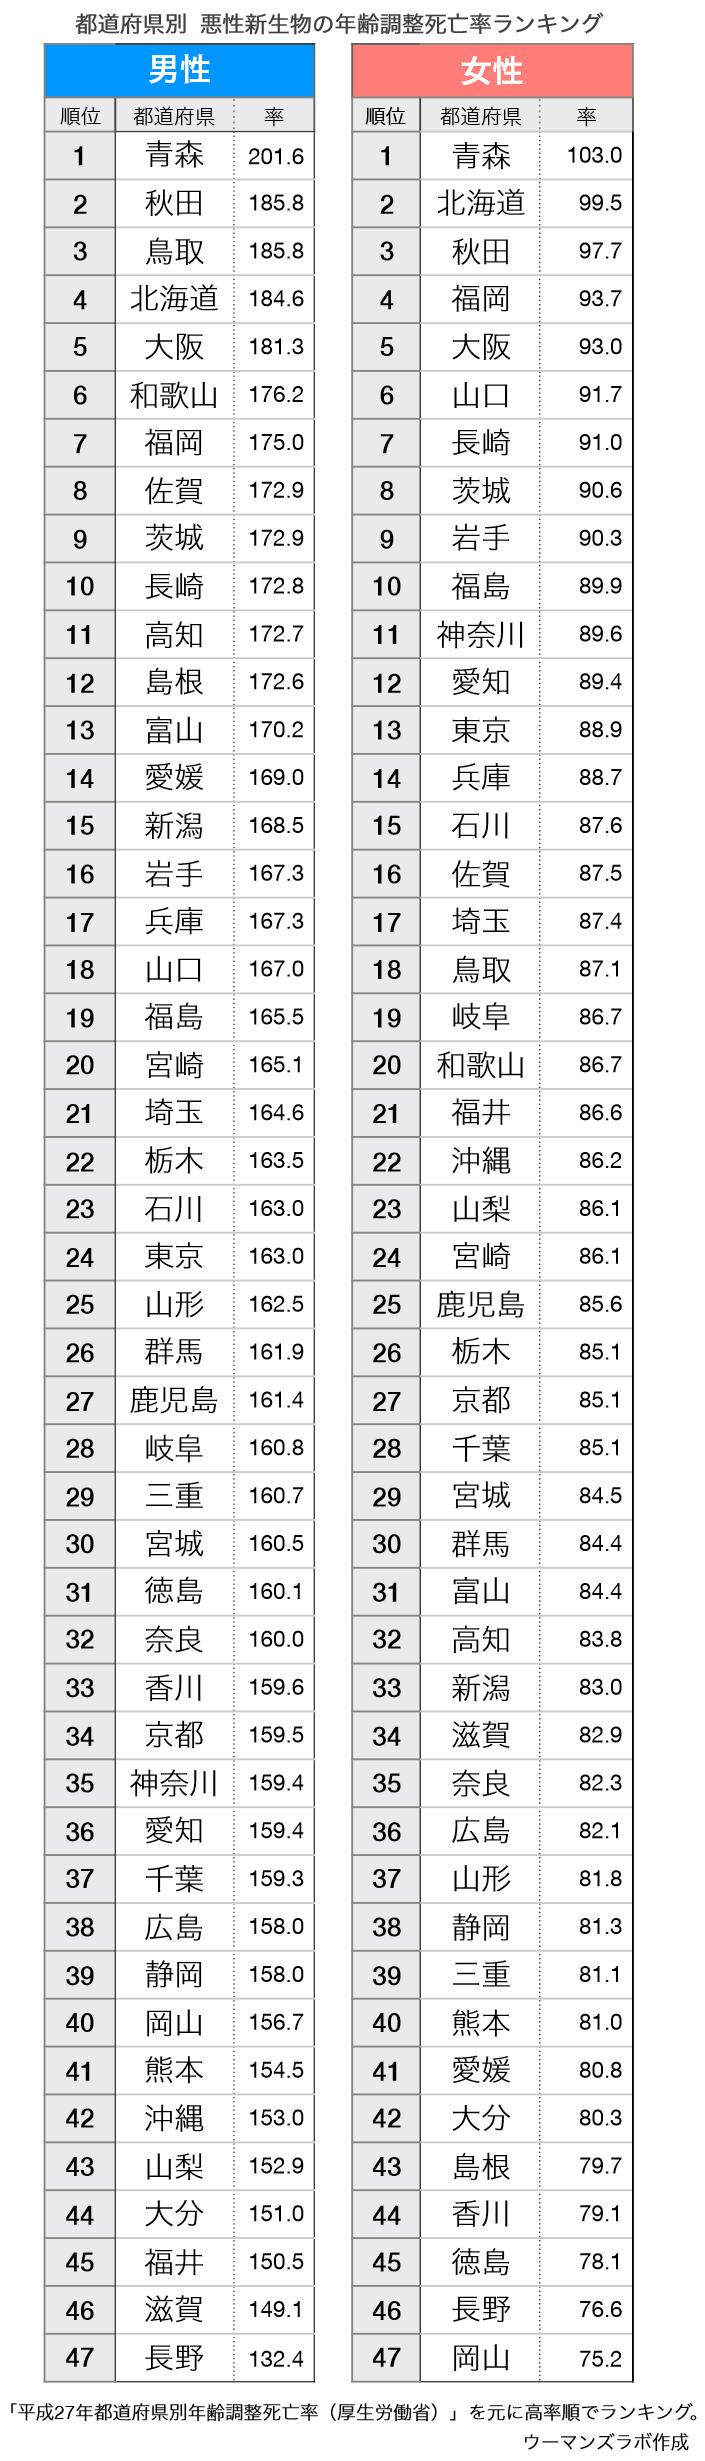 都道府県別の死亡率(年齢調整死亡率)ランキング